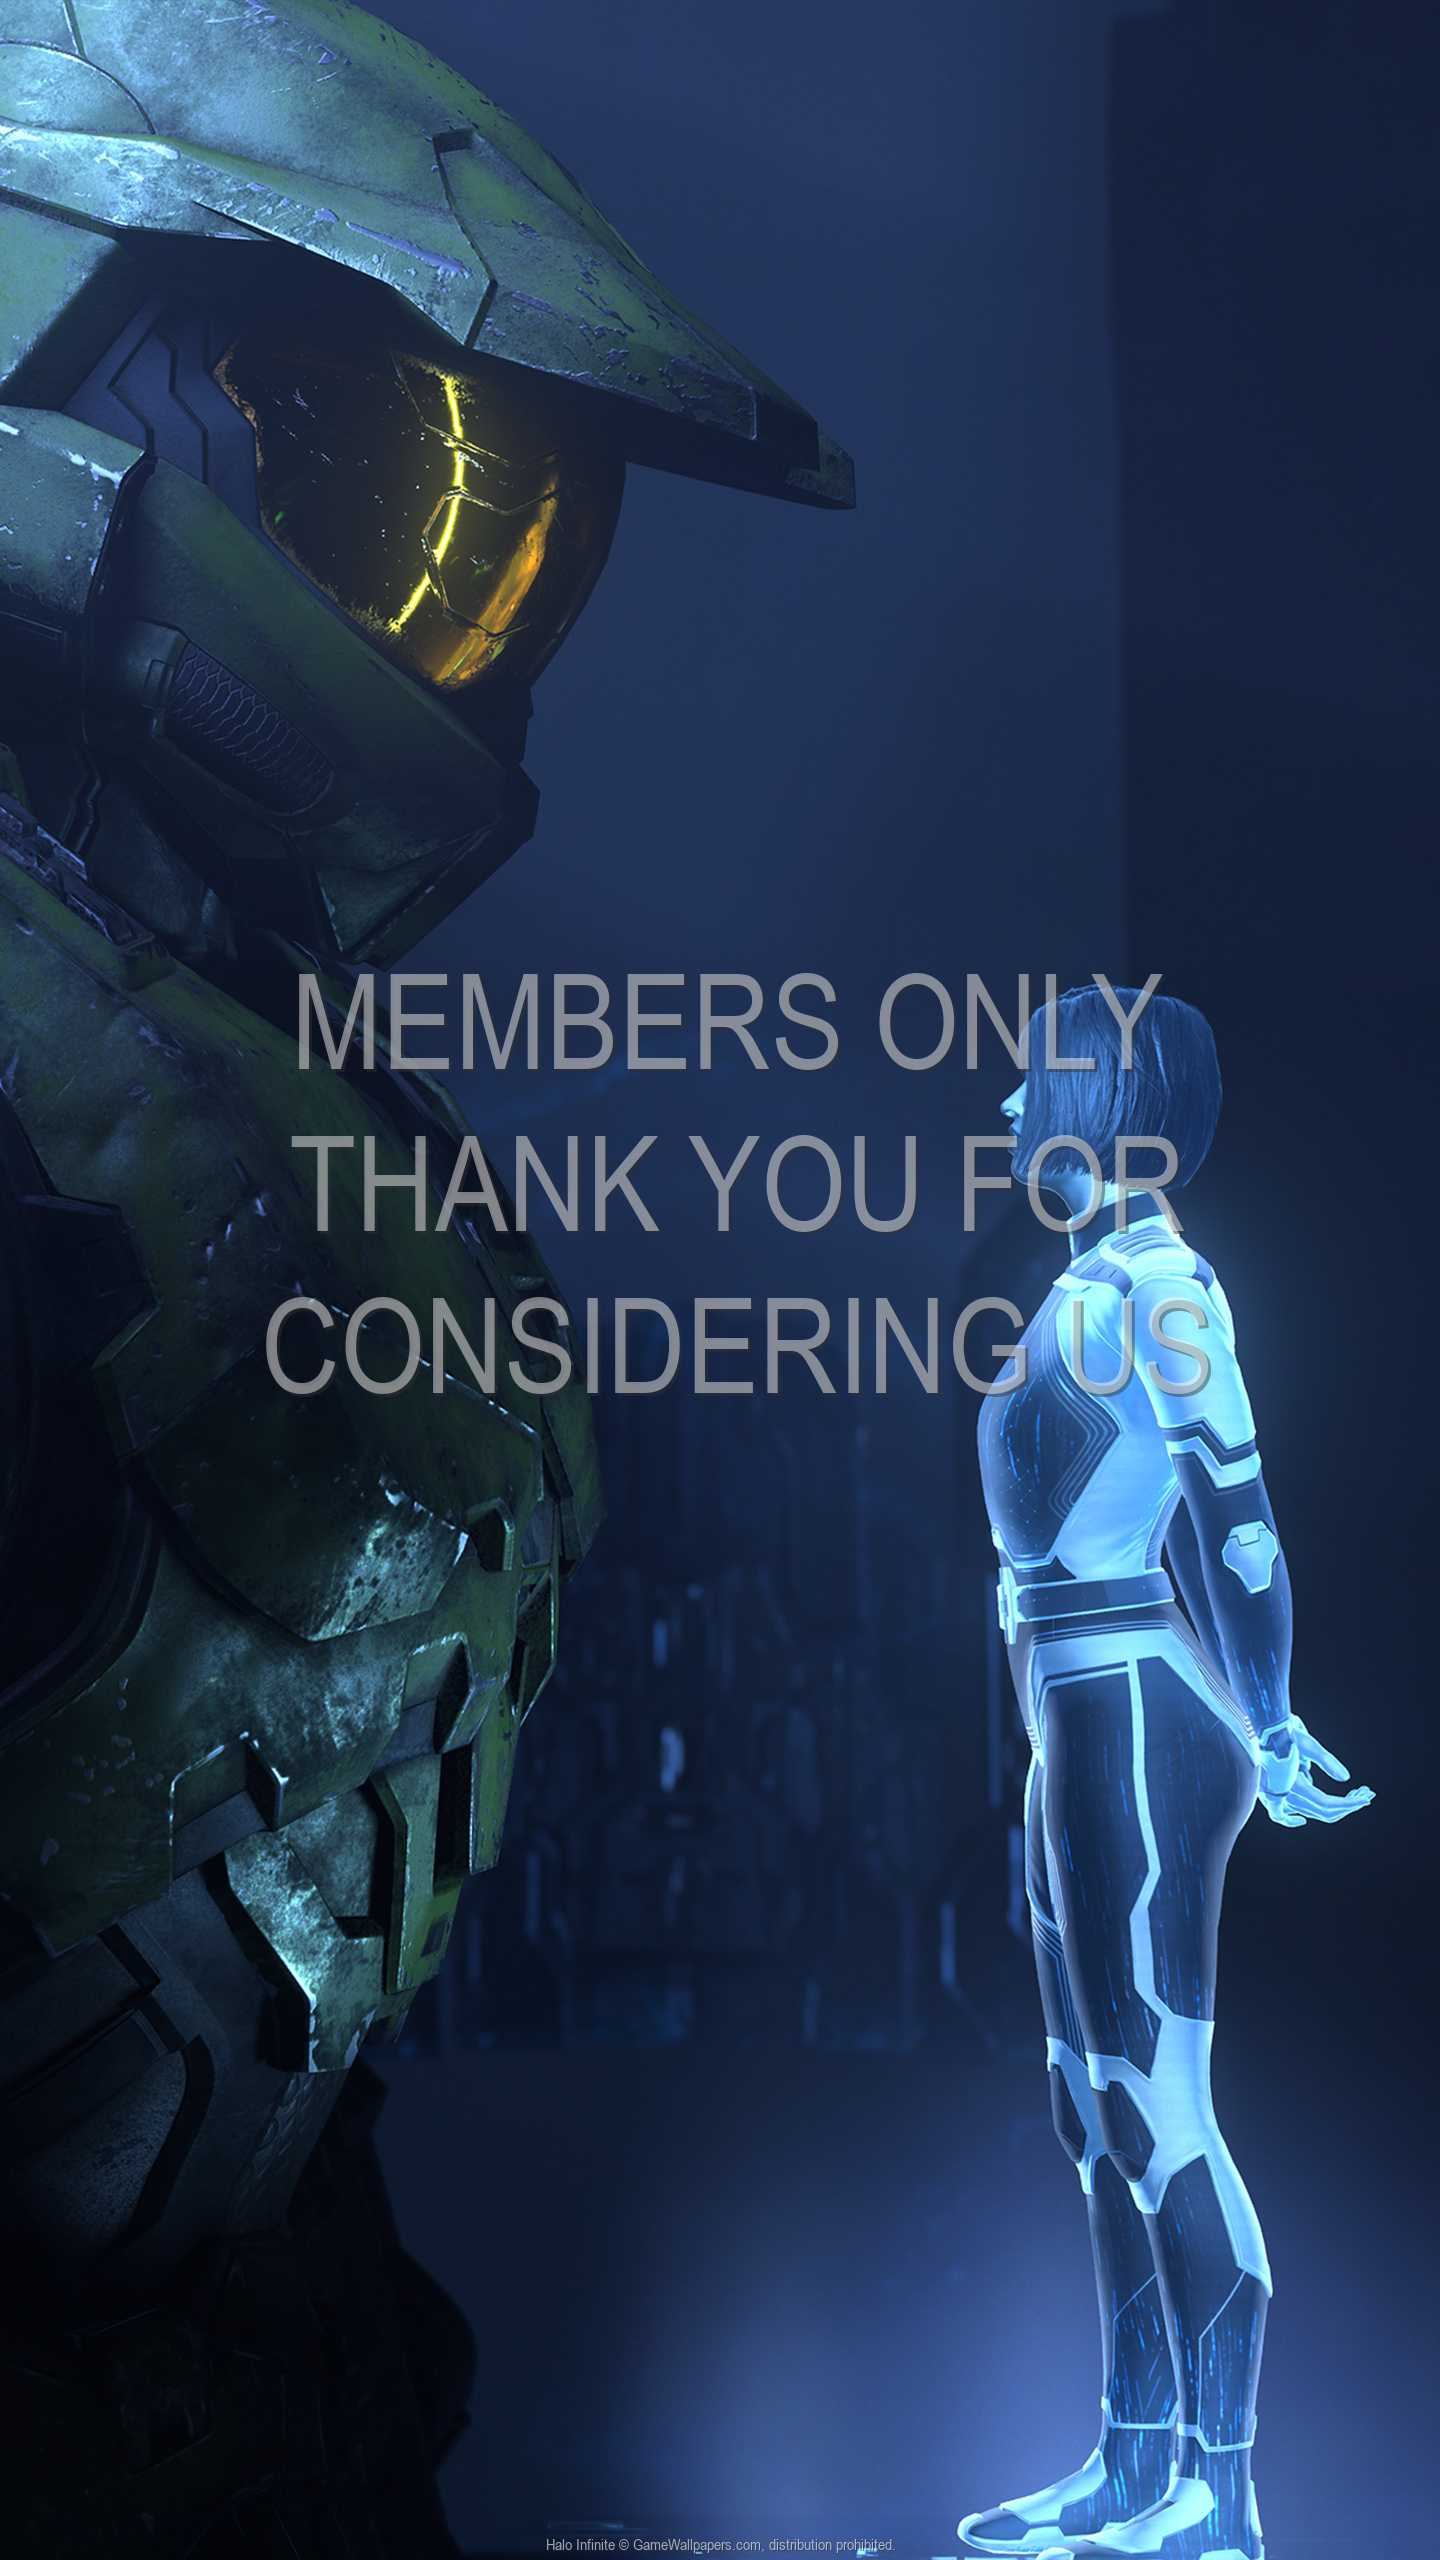 Halo: Infinite 1440p Vertical Mobile fond d'écran 10